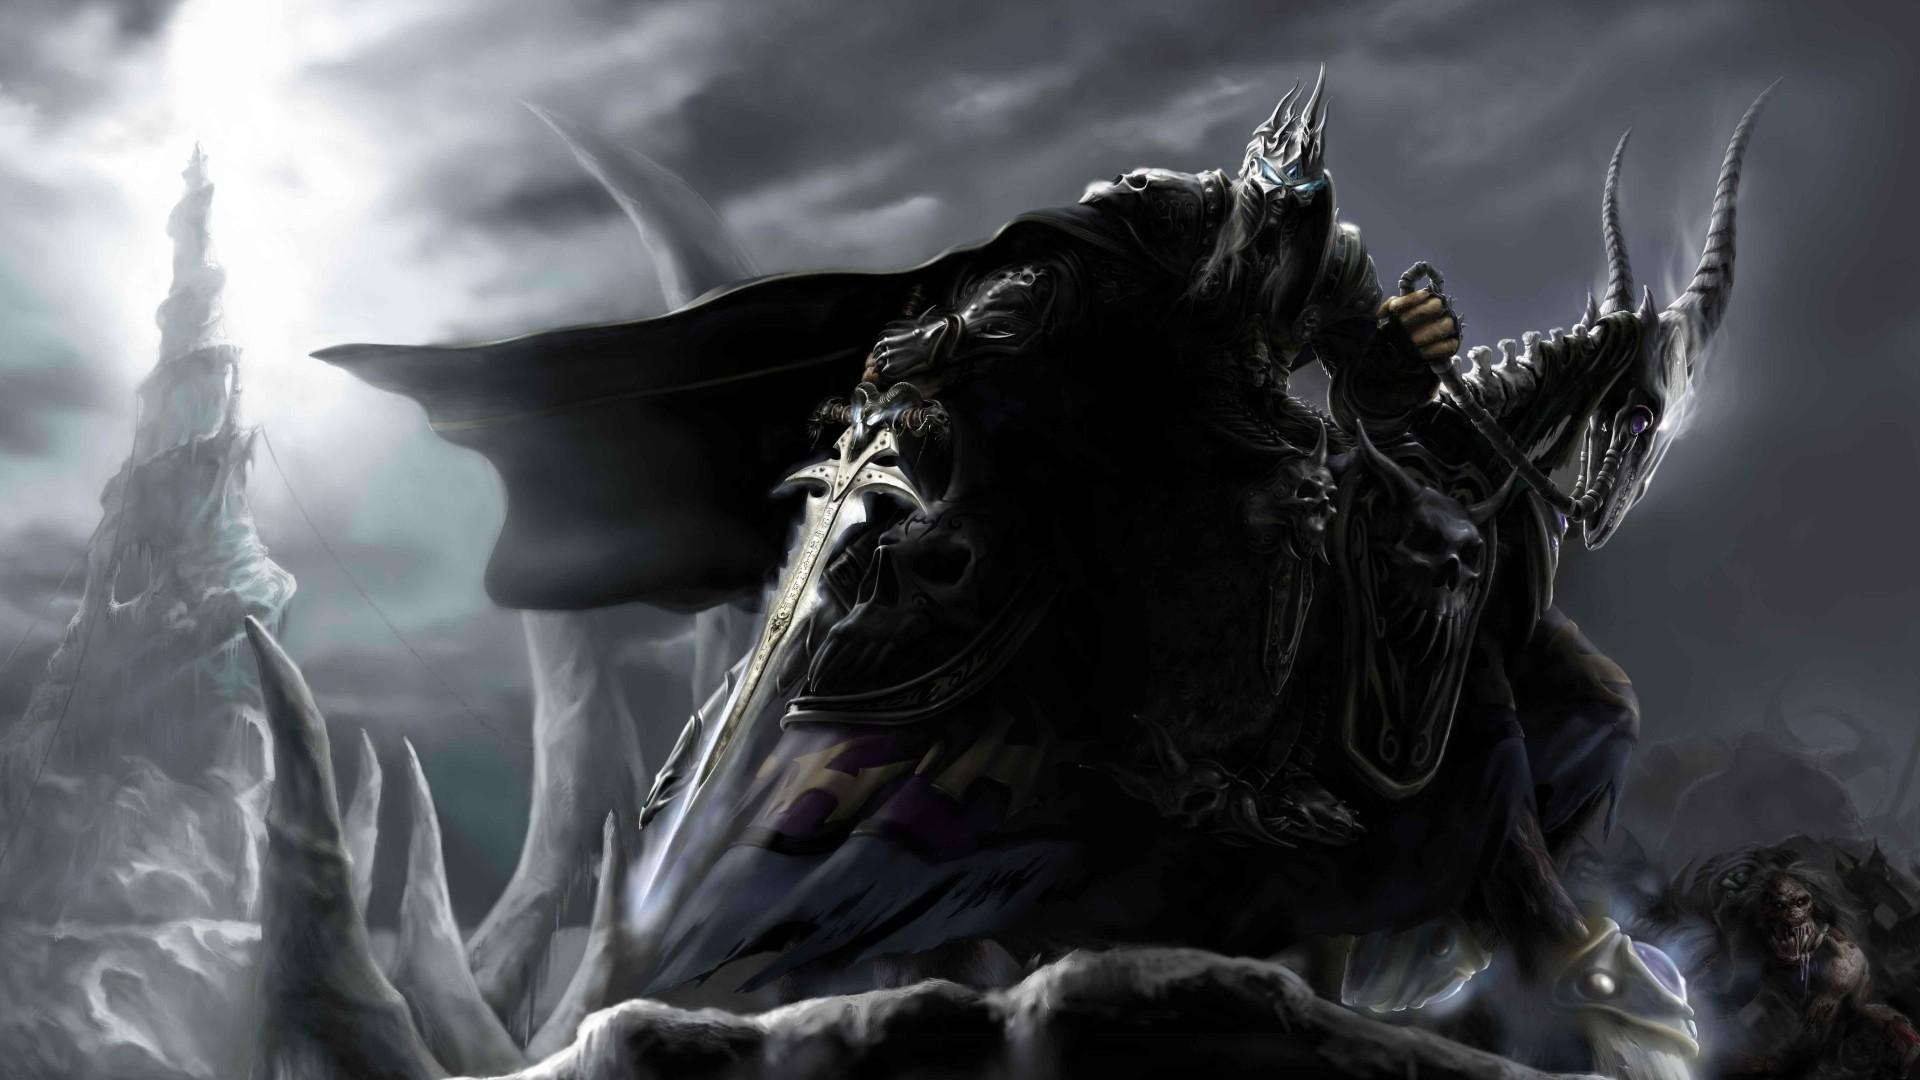 Warcraft Frozen Throne Wallpaper Wwwpixsharkcom